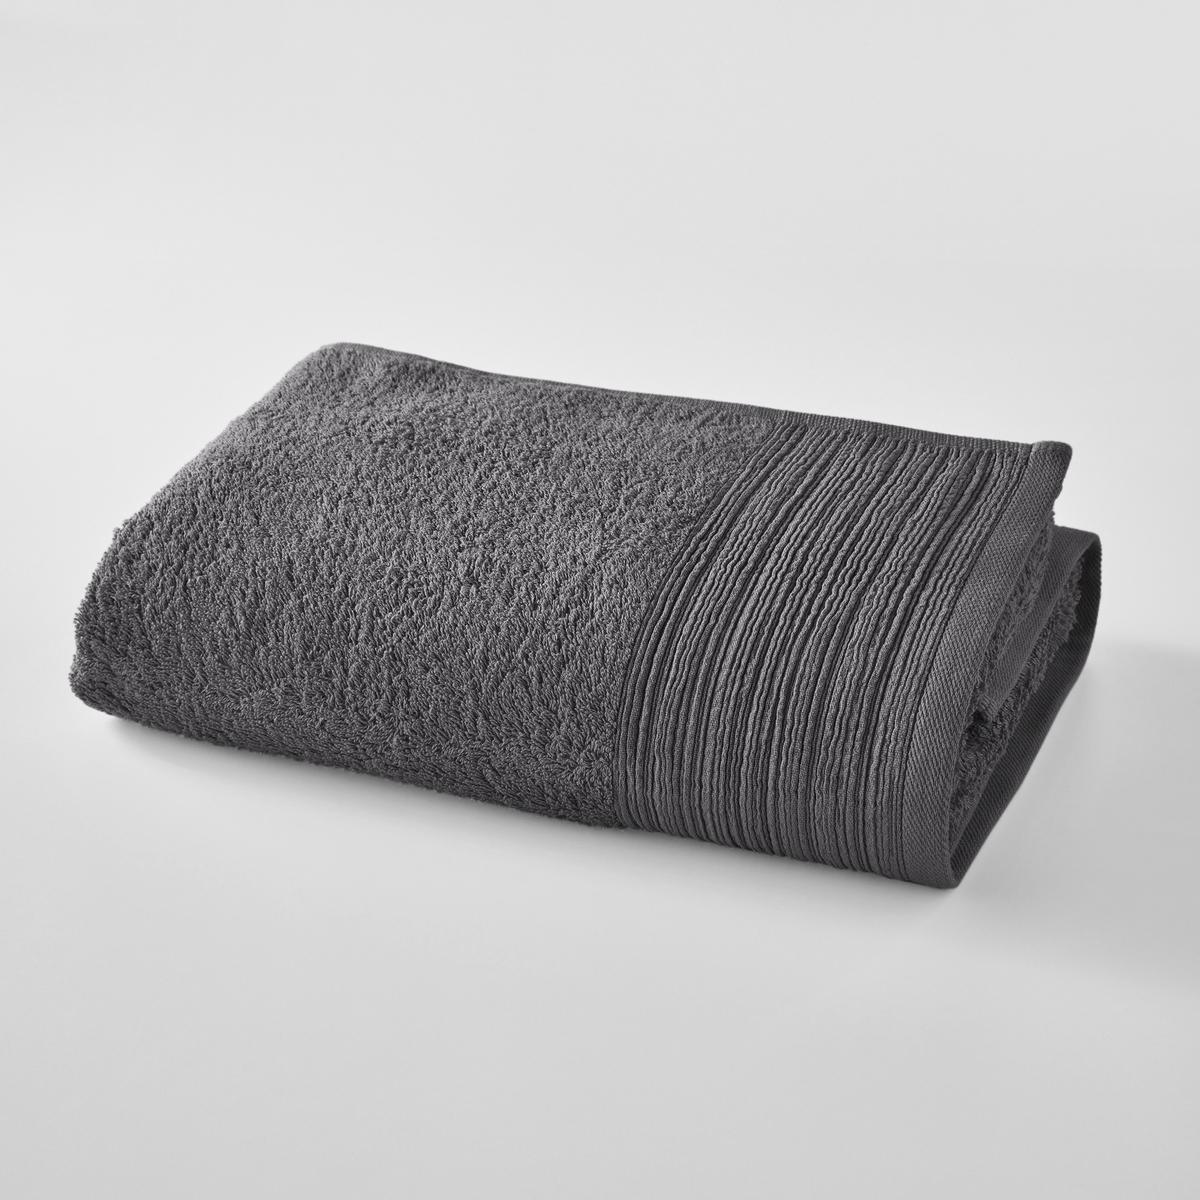 Полотенце банное однотонное из биохлопка 500 г/м² SCENARIO полотенце банное большое 500 г м² fringes